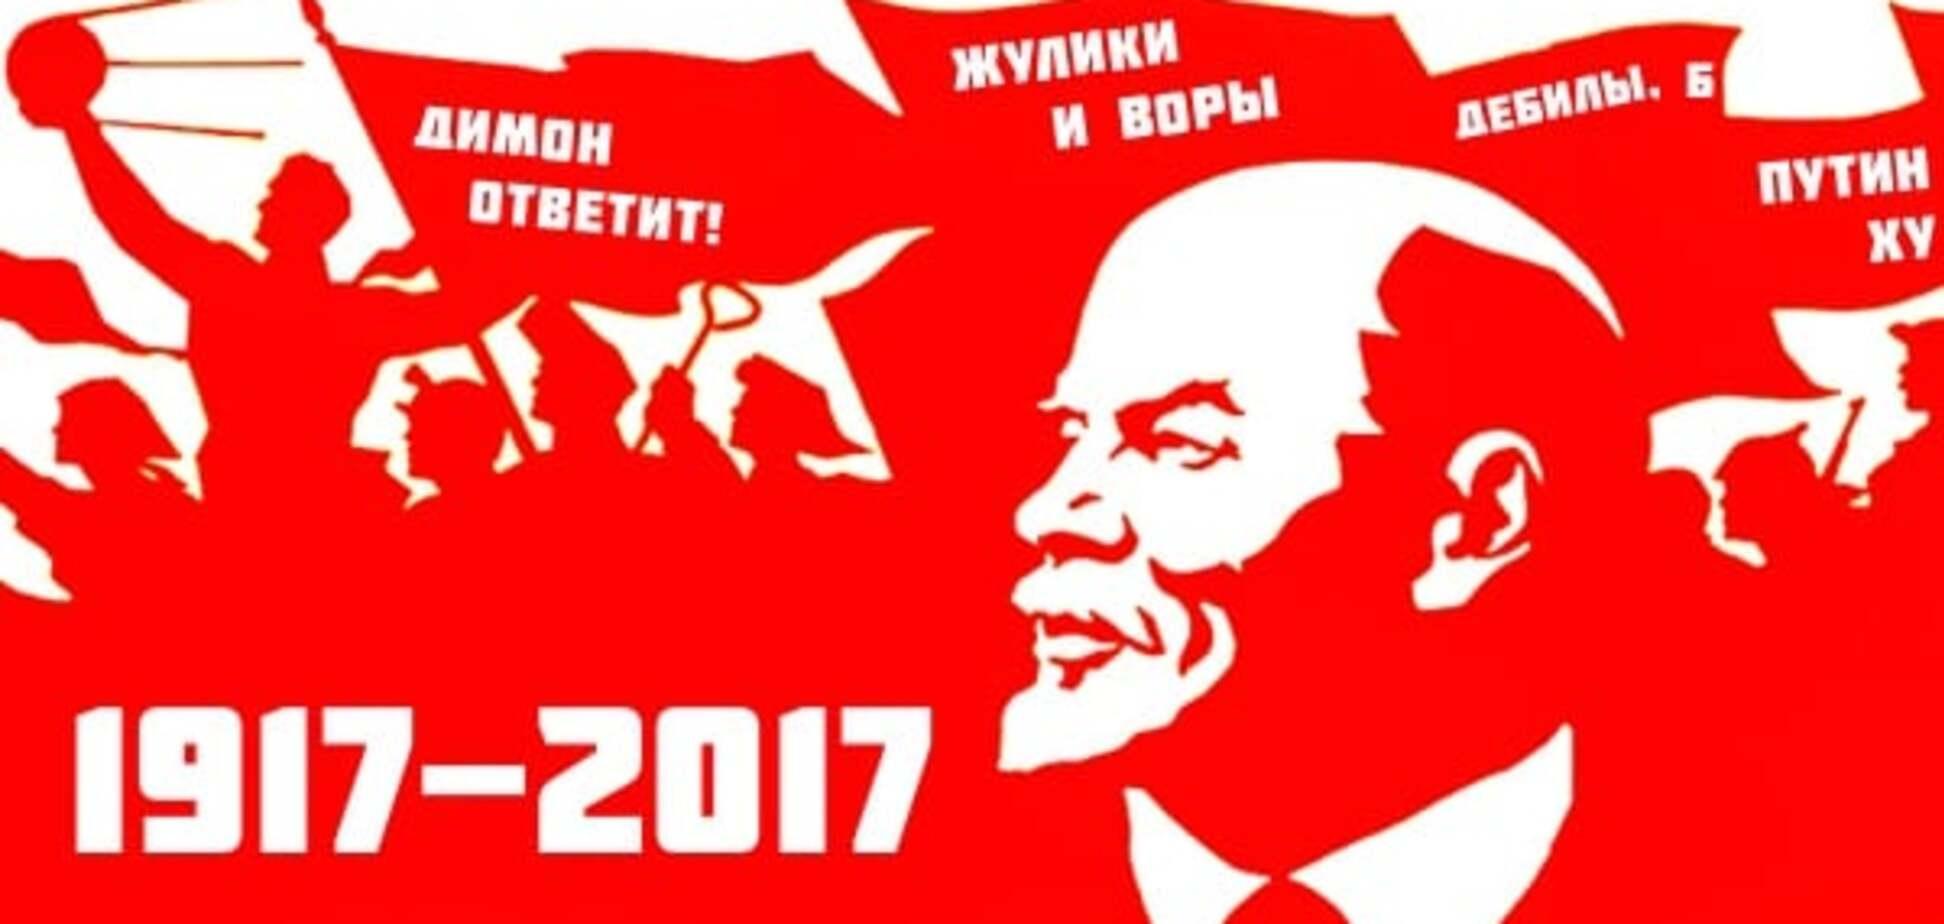 Недовольство в России усугубляется, у гаек может сорвать резьбу